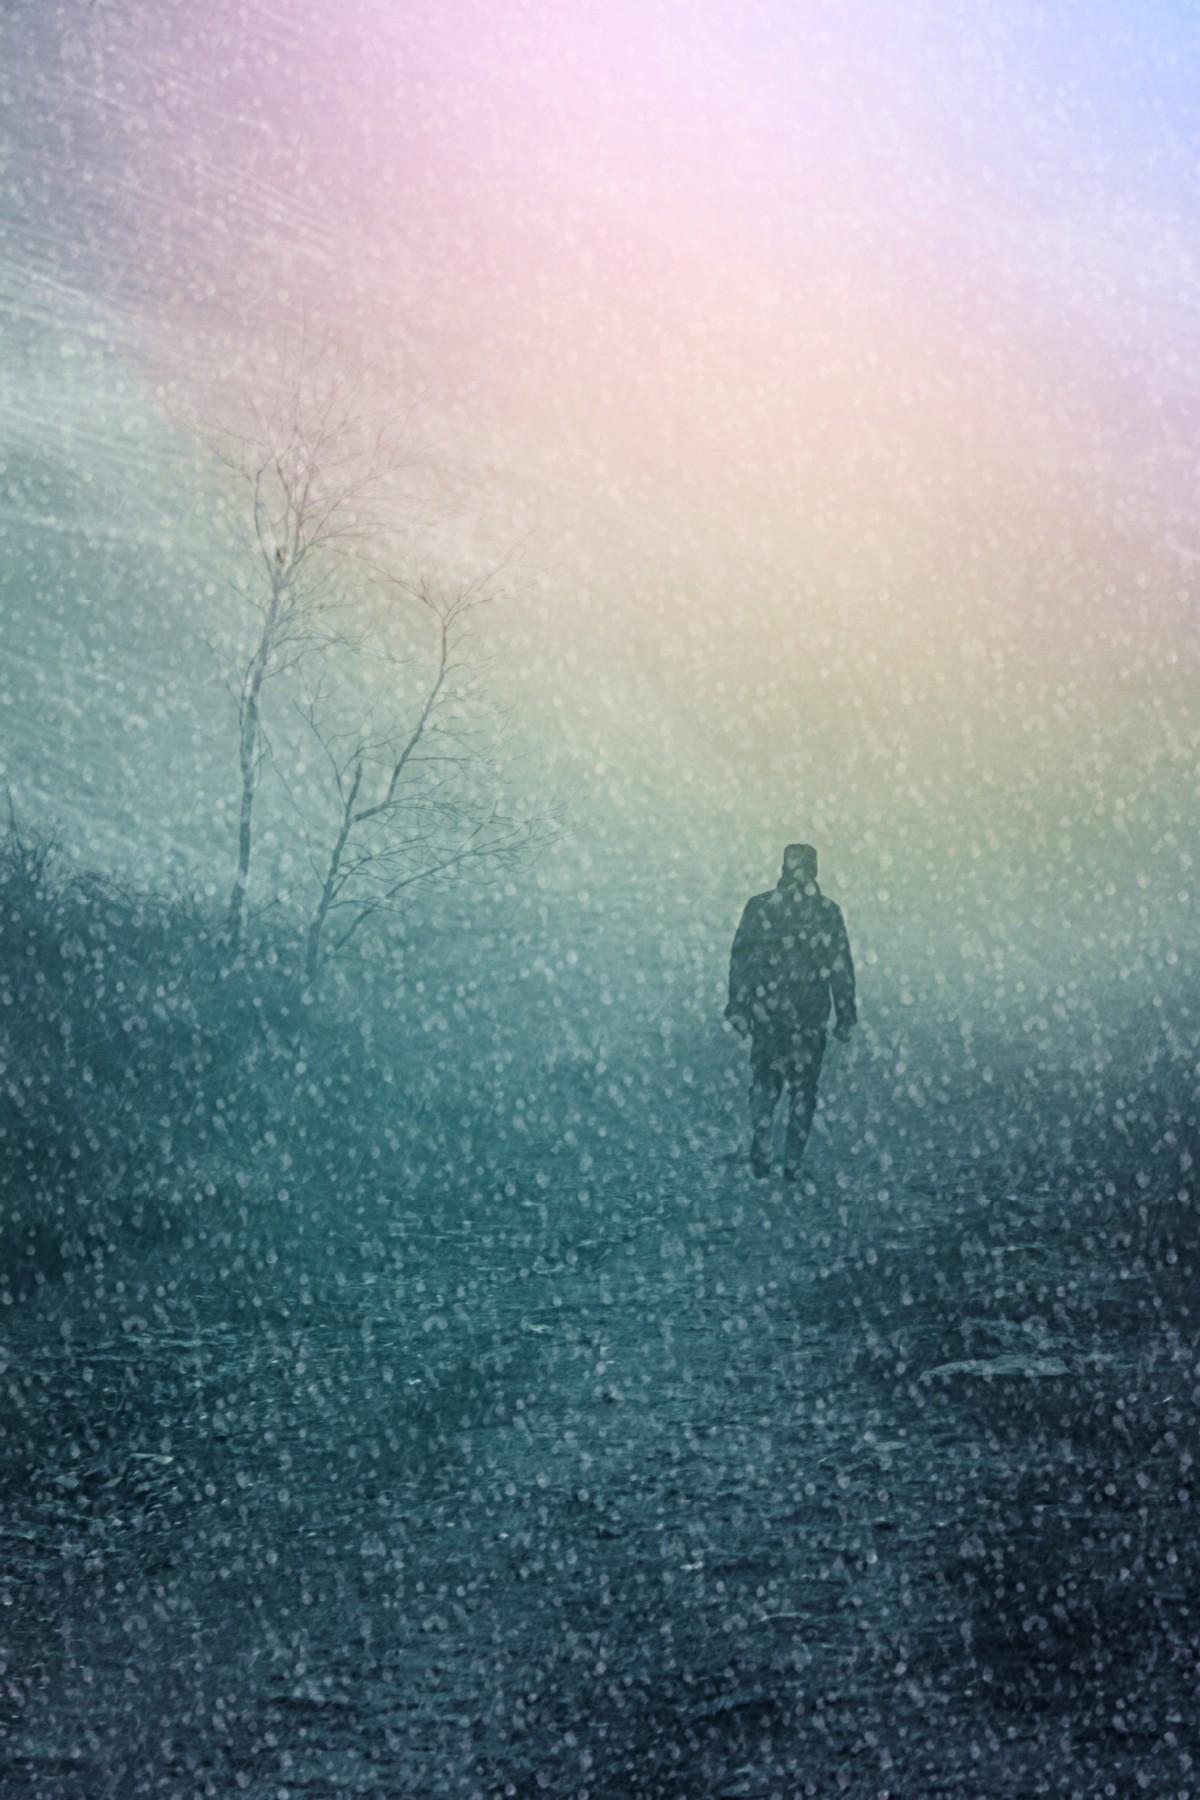 картинки в сказке обман призрачный остров скрылся в туман популярных домашних